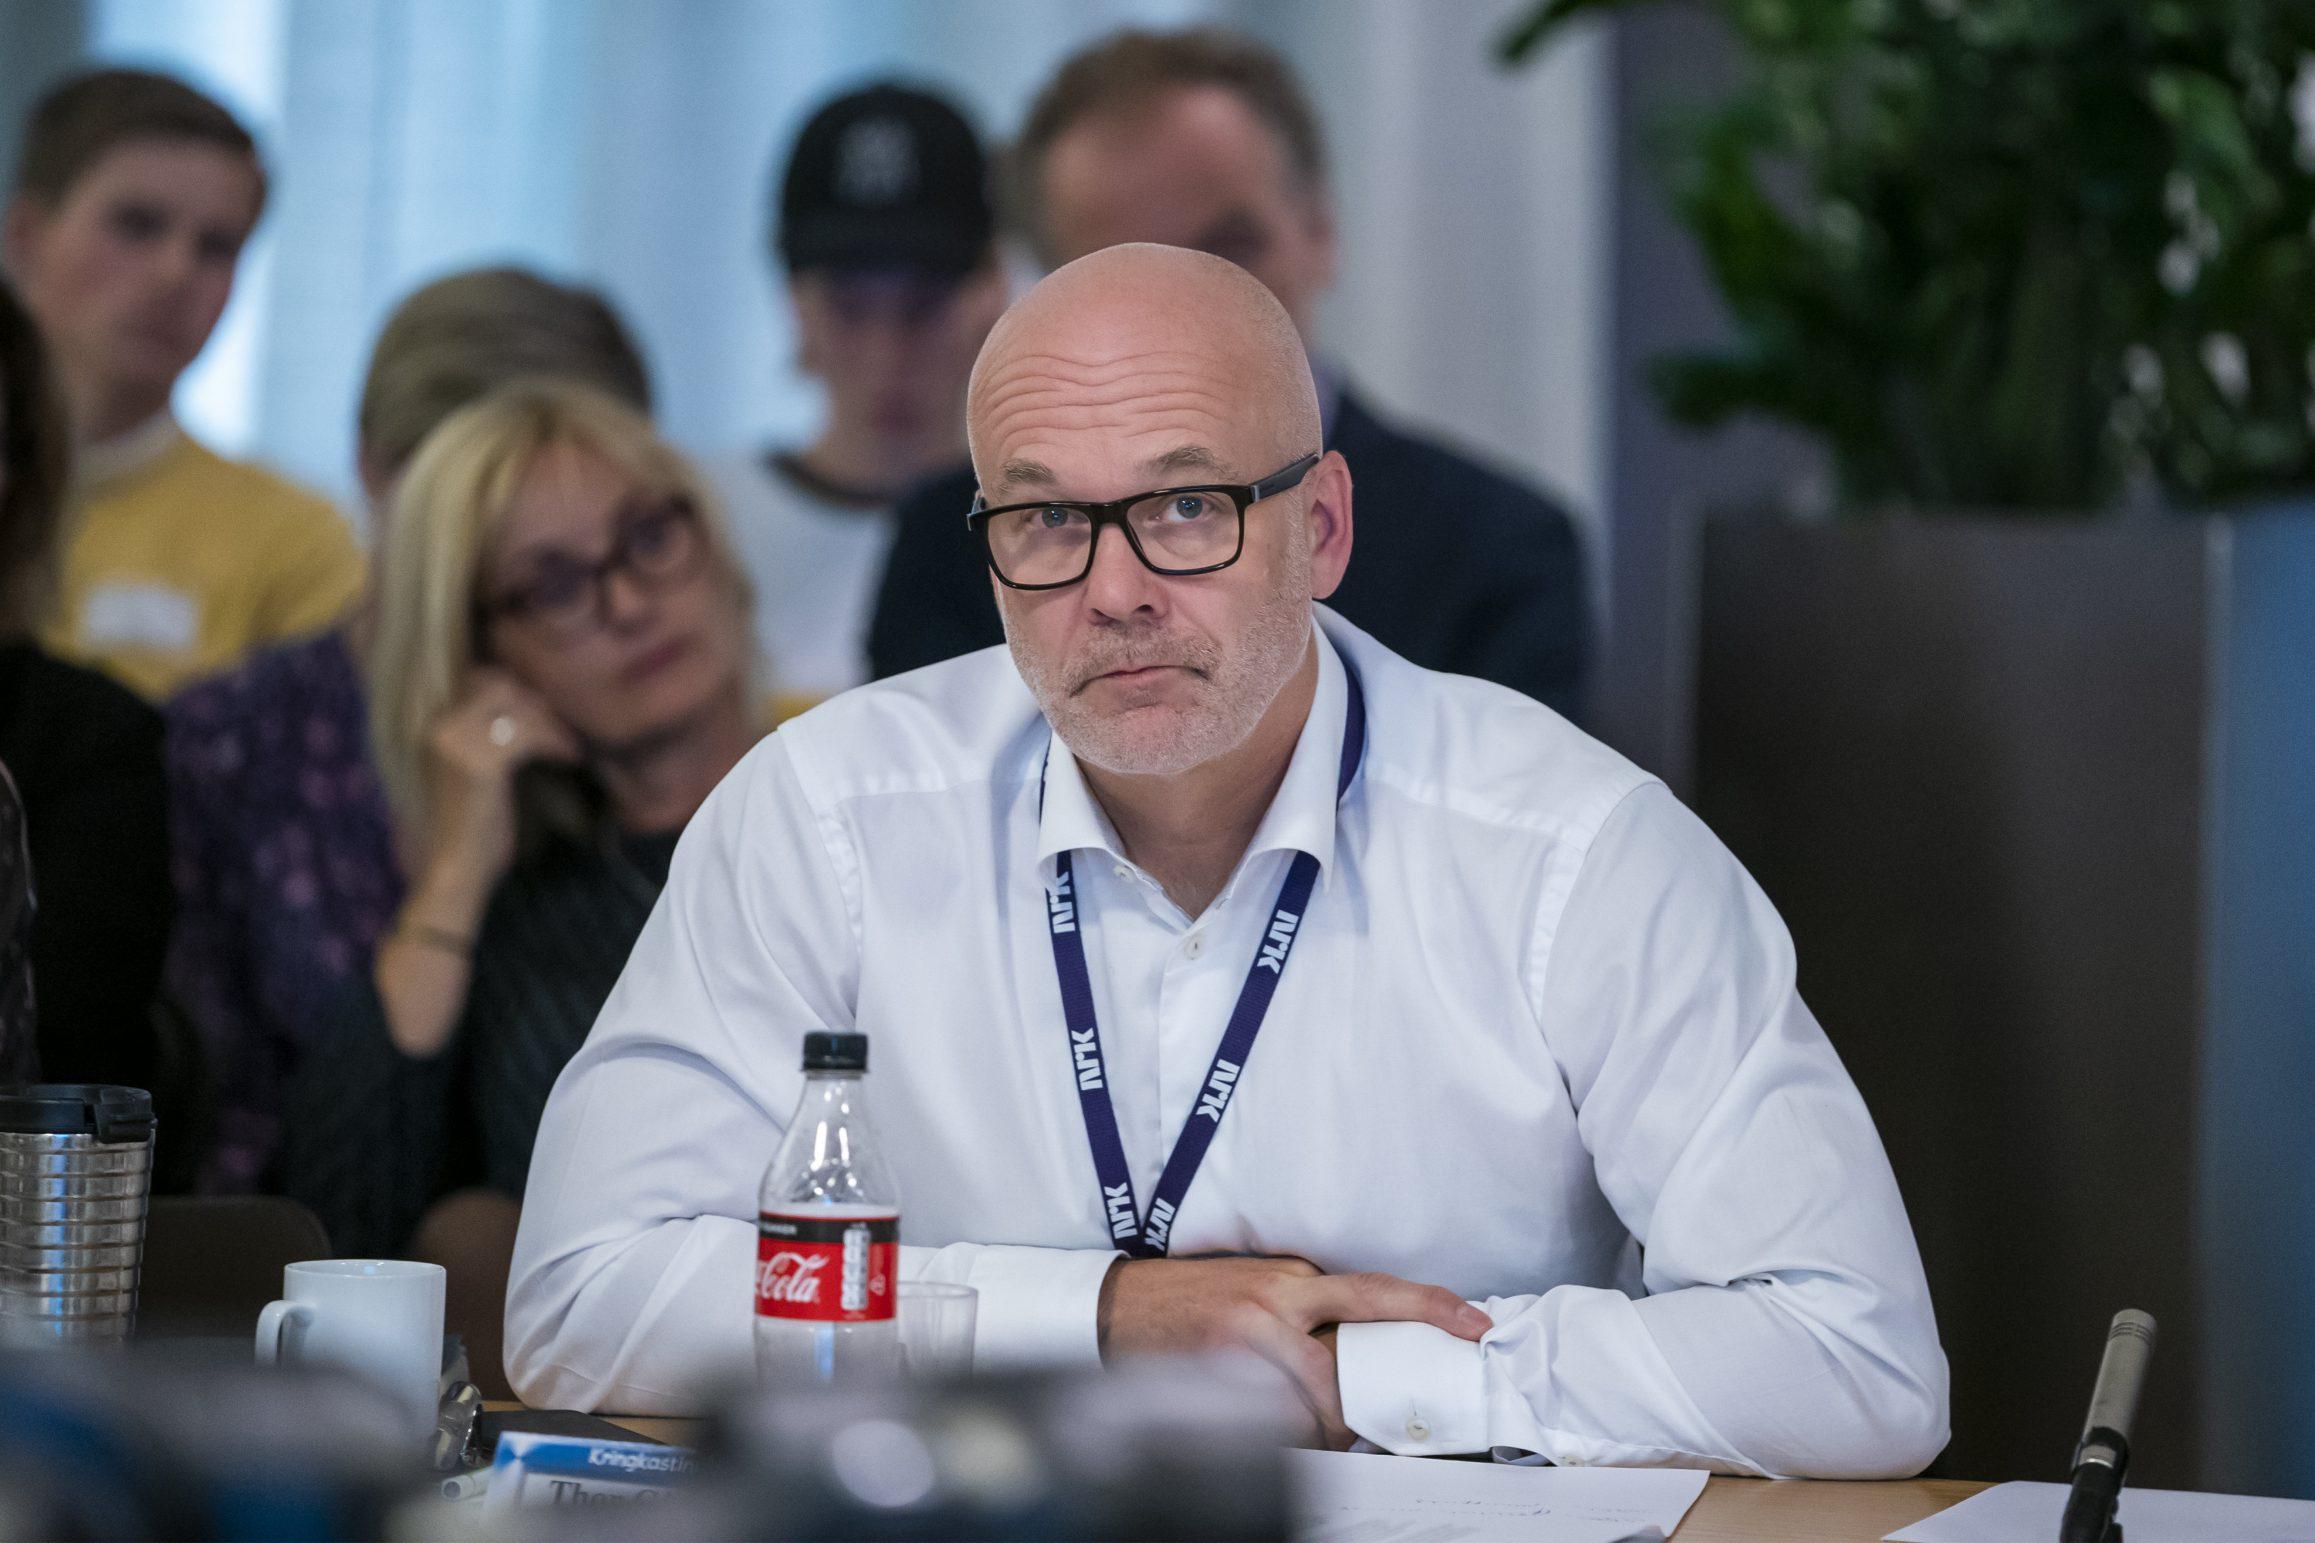 Kringkastingssjef Thor Gjermund Eriksen fortalde Kringkastingsrådet at kanalen ligg godt an til å klara kravet om 25 prosent nynorsk i NRK. Foto: Heiko Junge / NTB scanpix / NPK